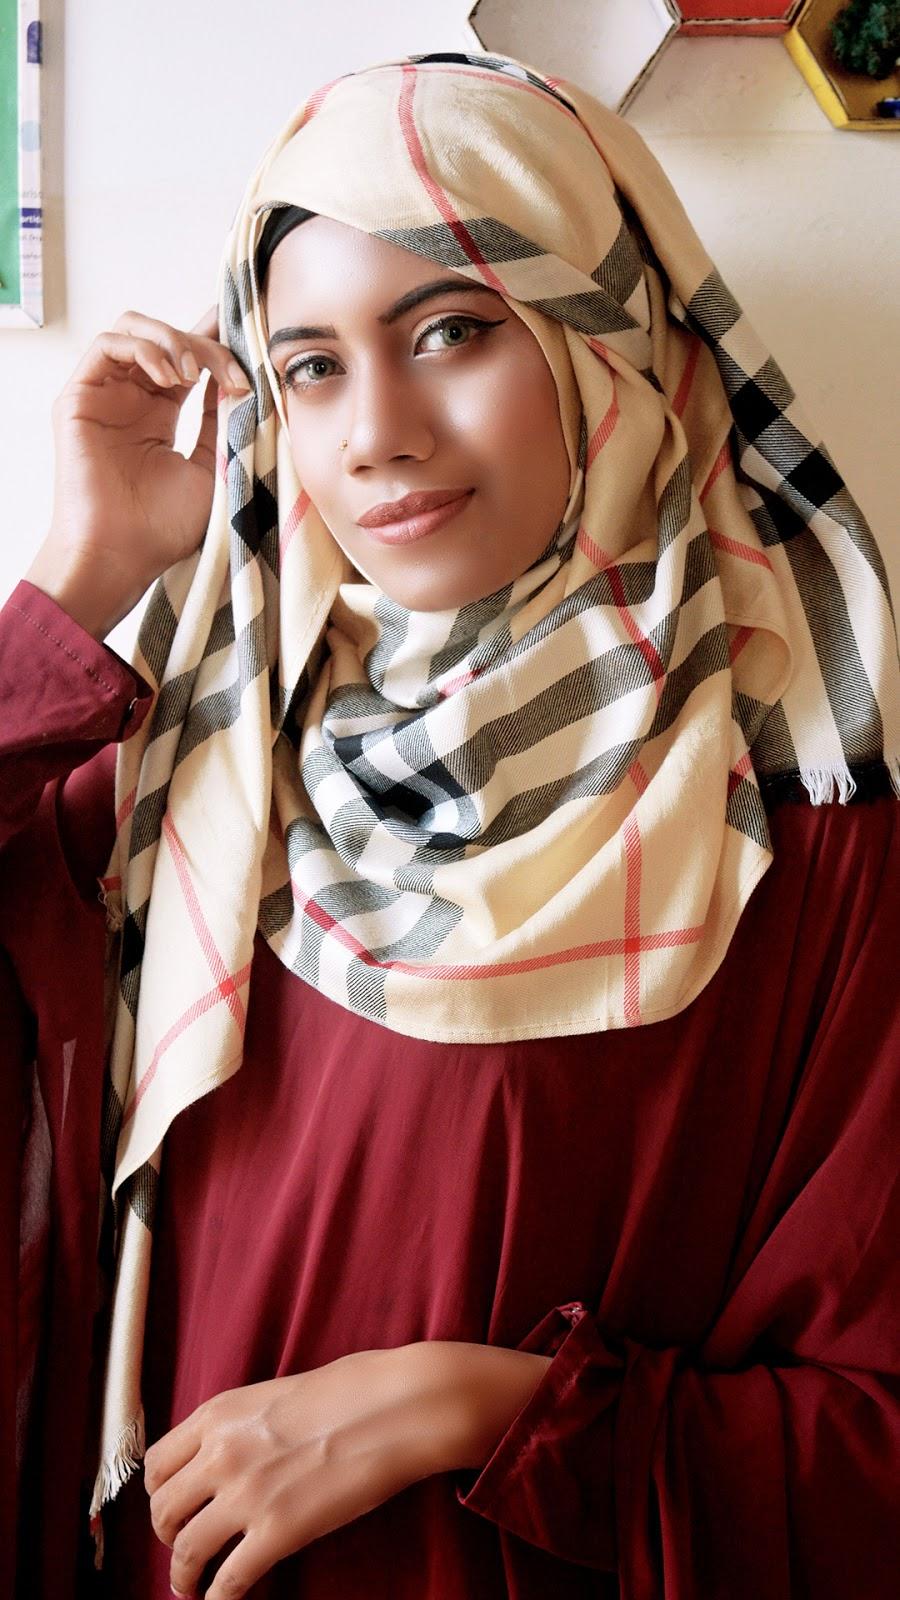 jilbab kekinian cewek mansi wanita manis